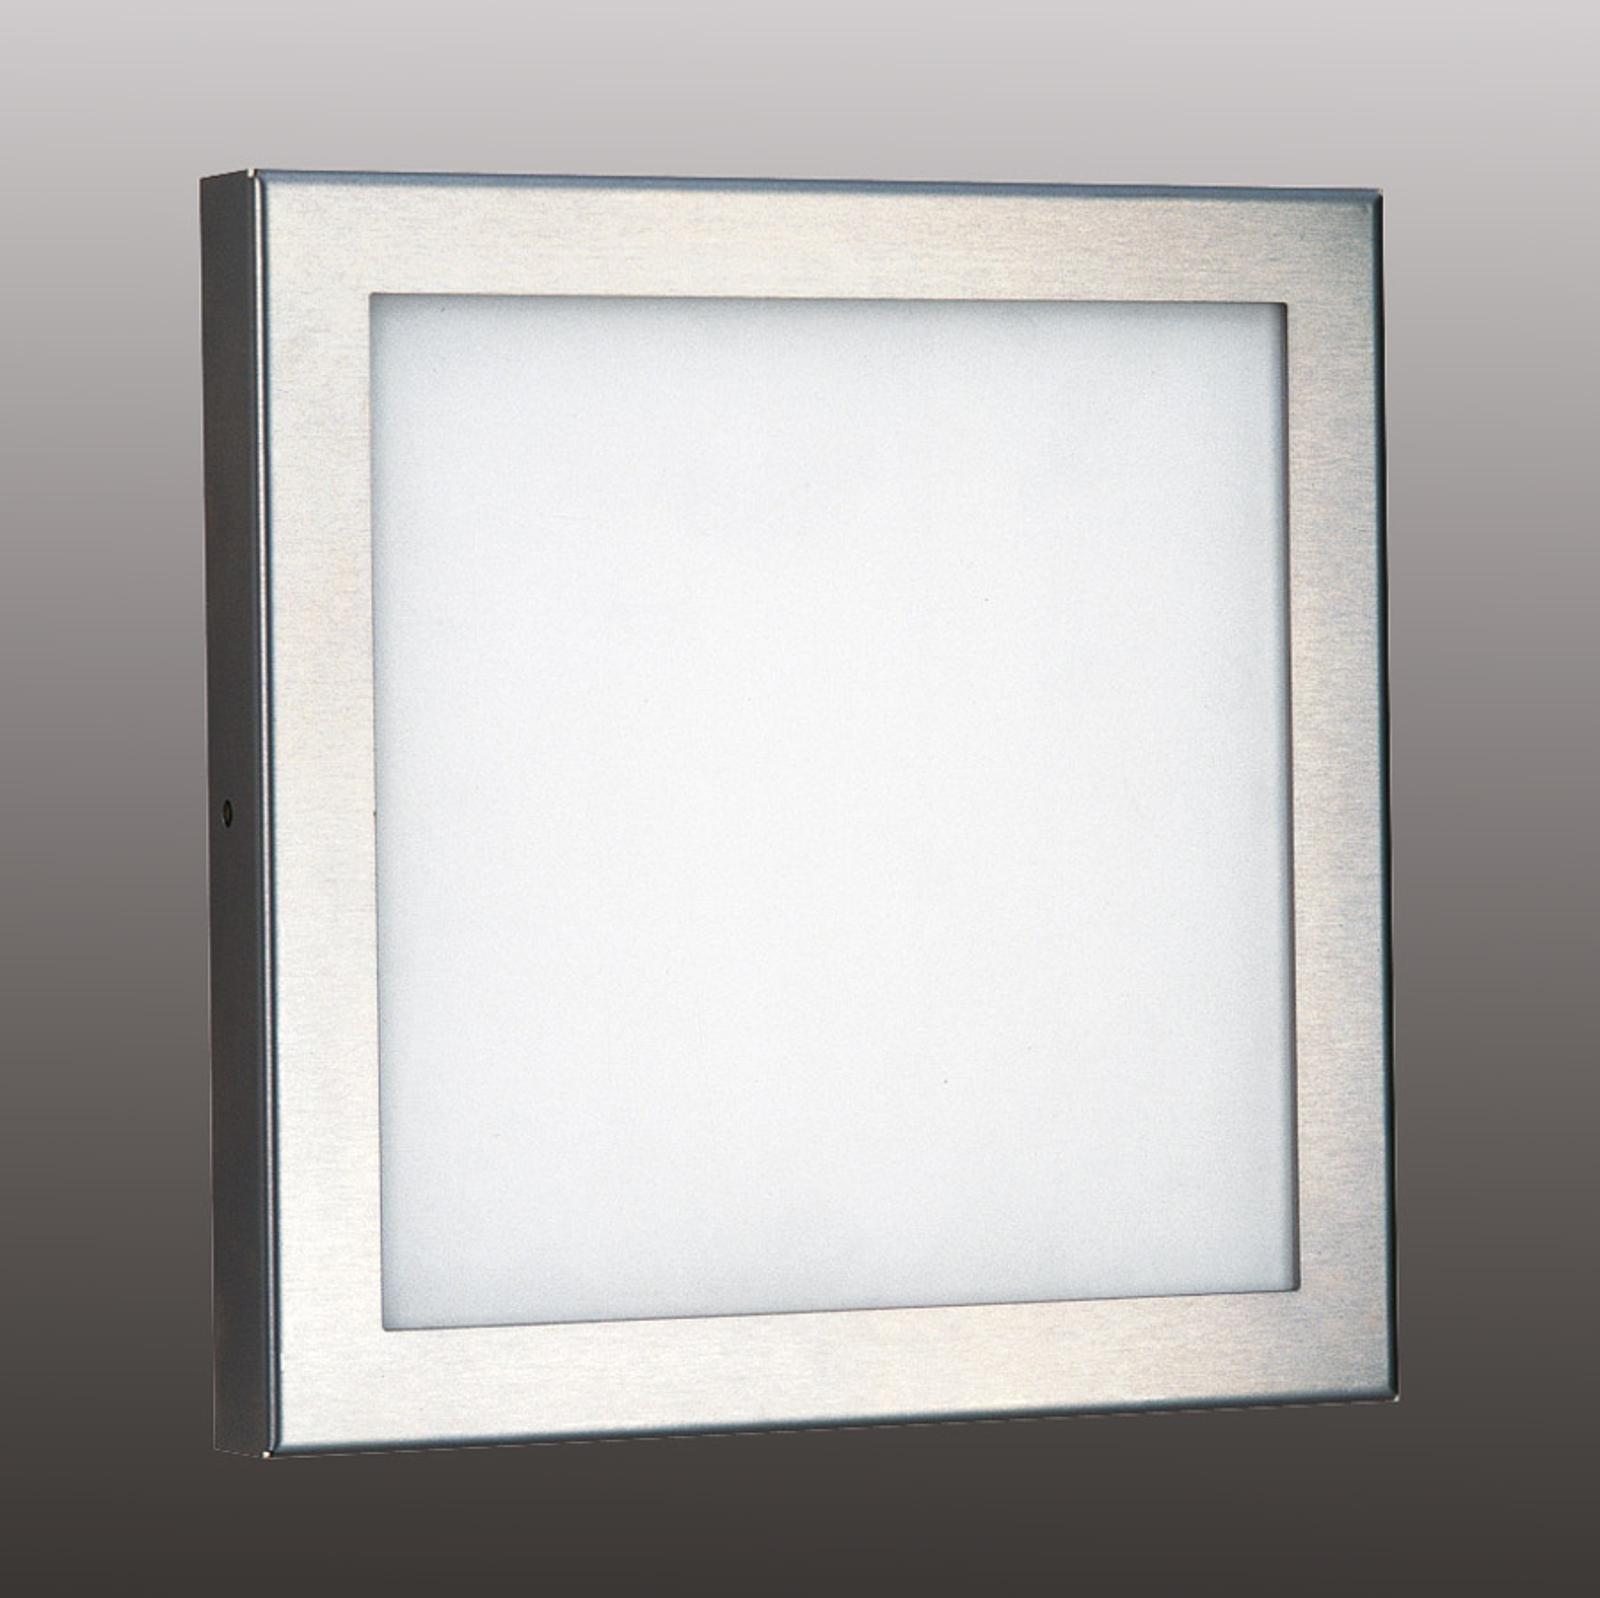 Applique d'extérieur LED en acier inoxydable Mette